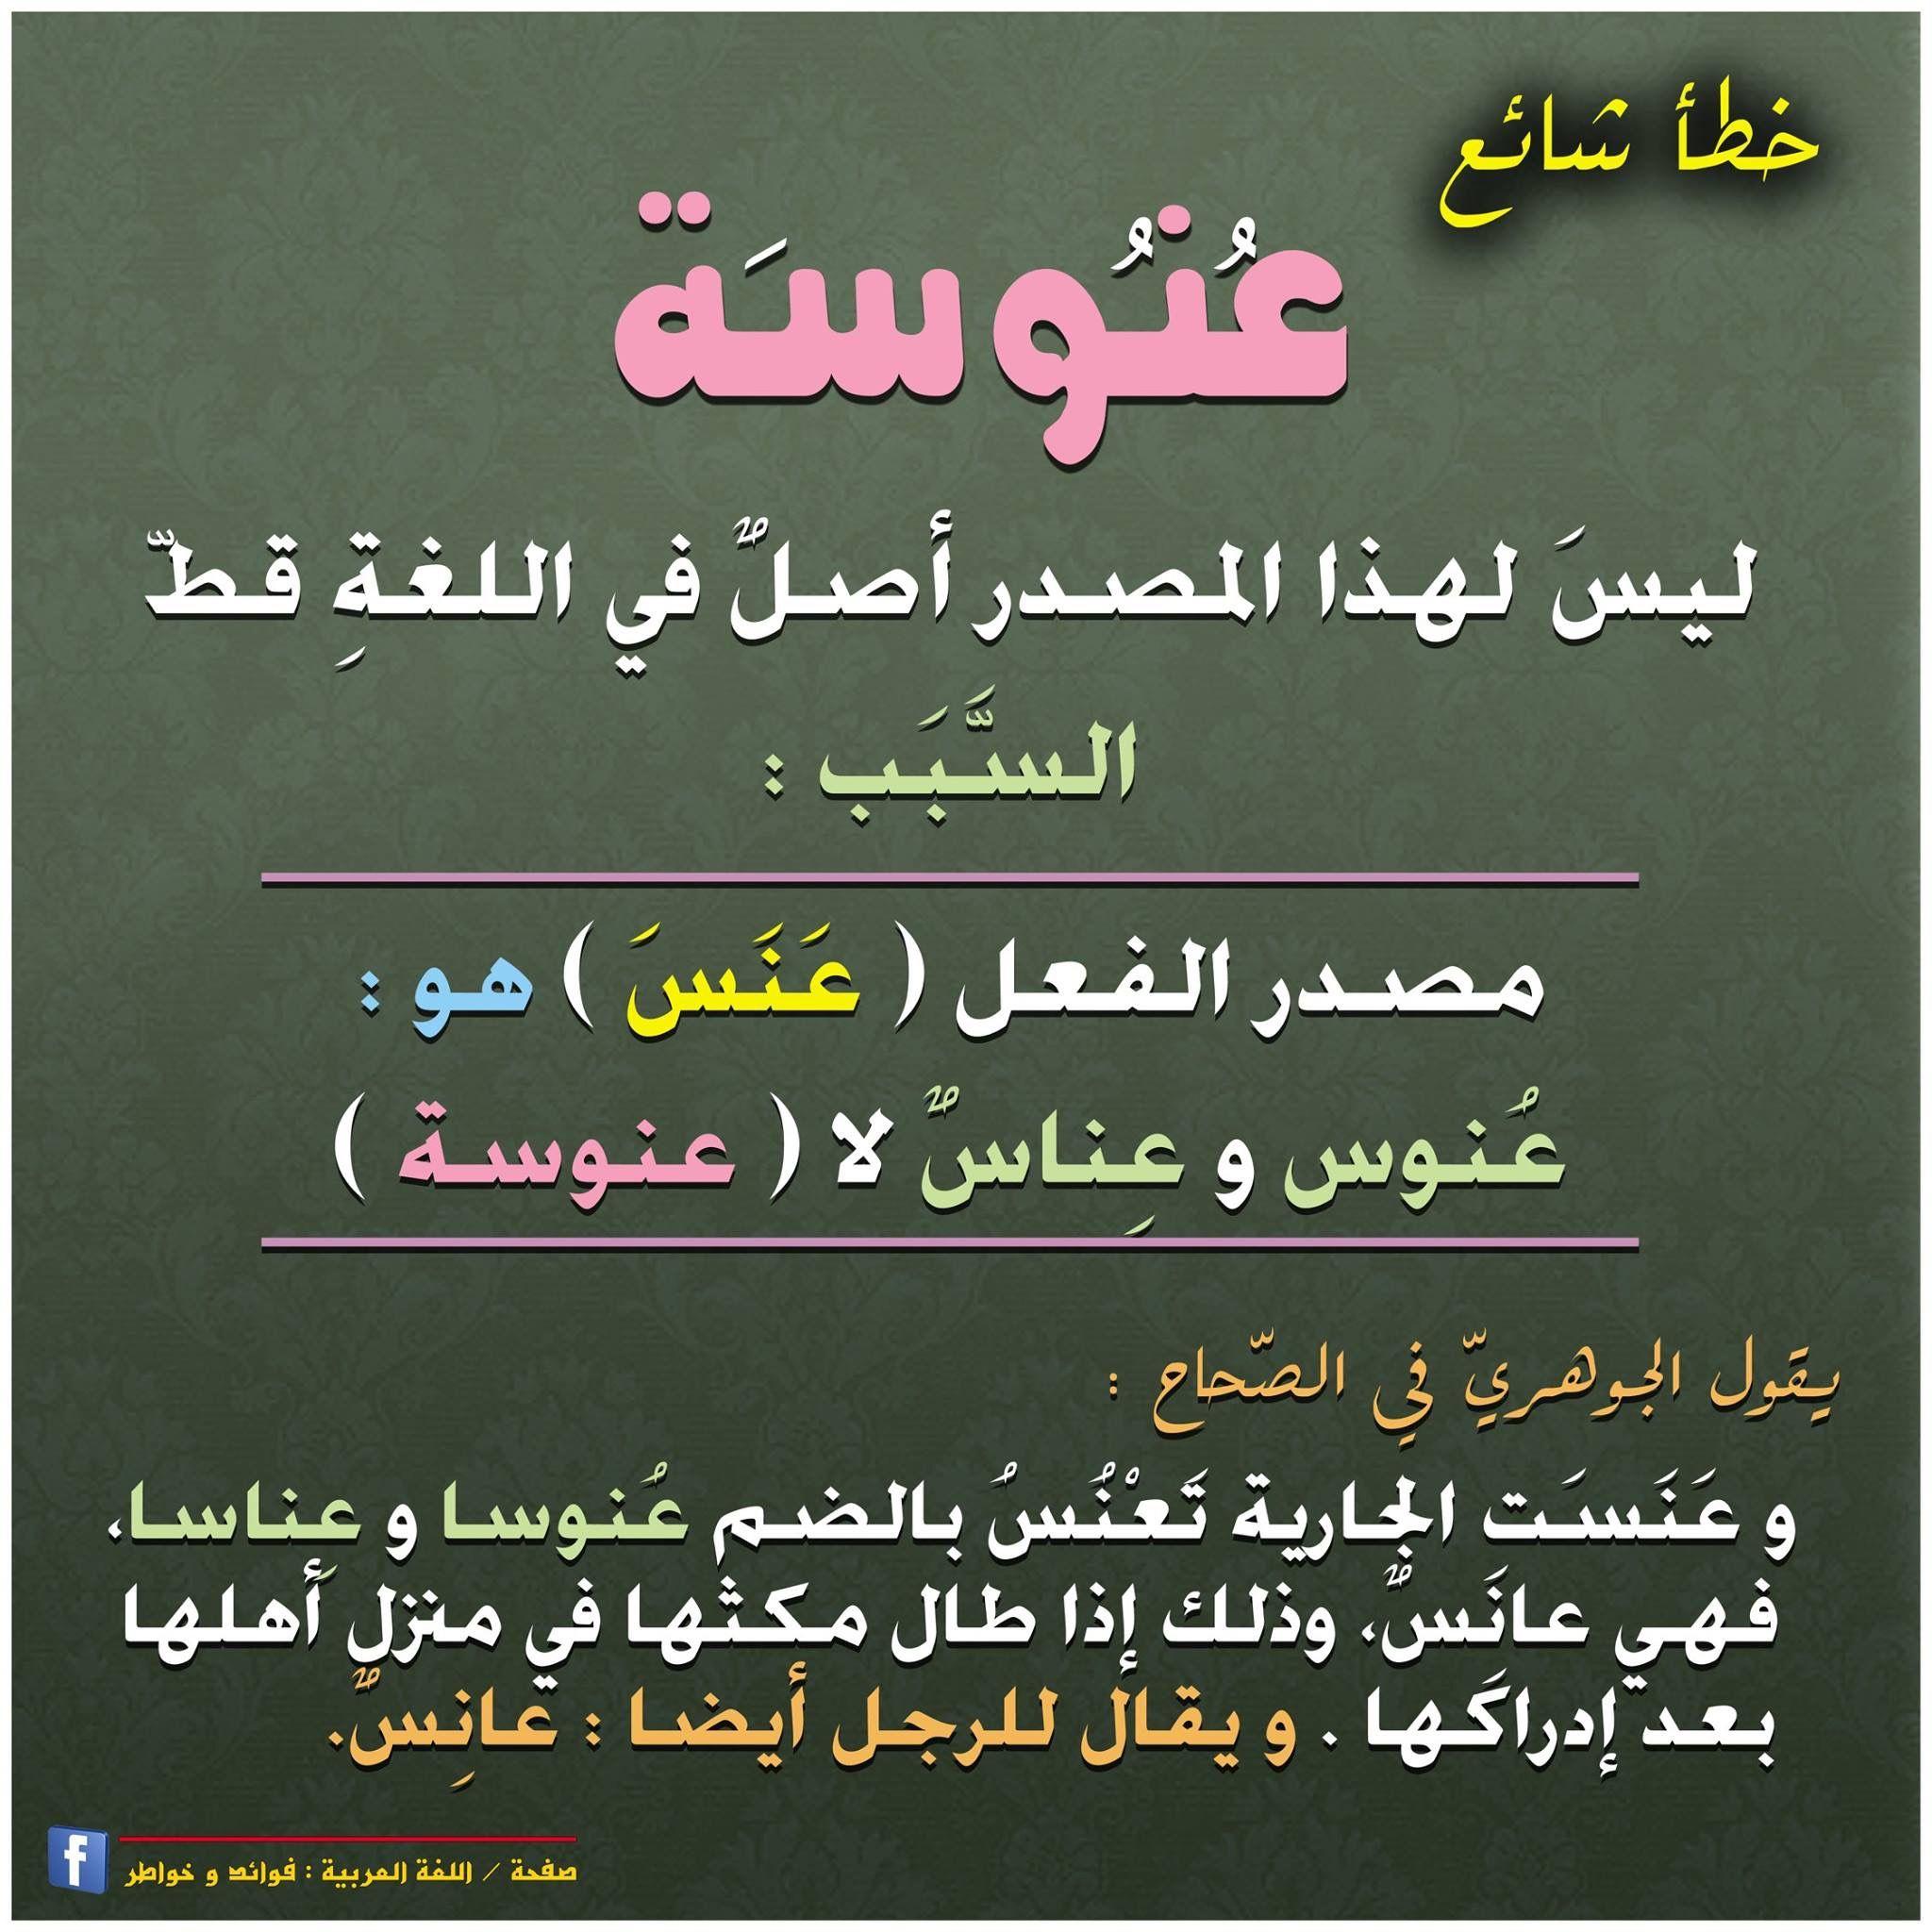 Pin By Eman On Arabic لغة عربية Learn Arabic Language Arabic Language Learning Arabic